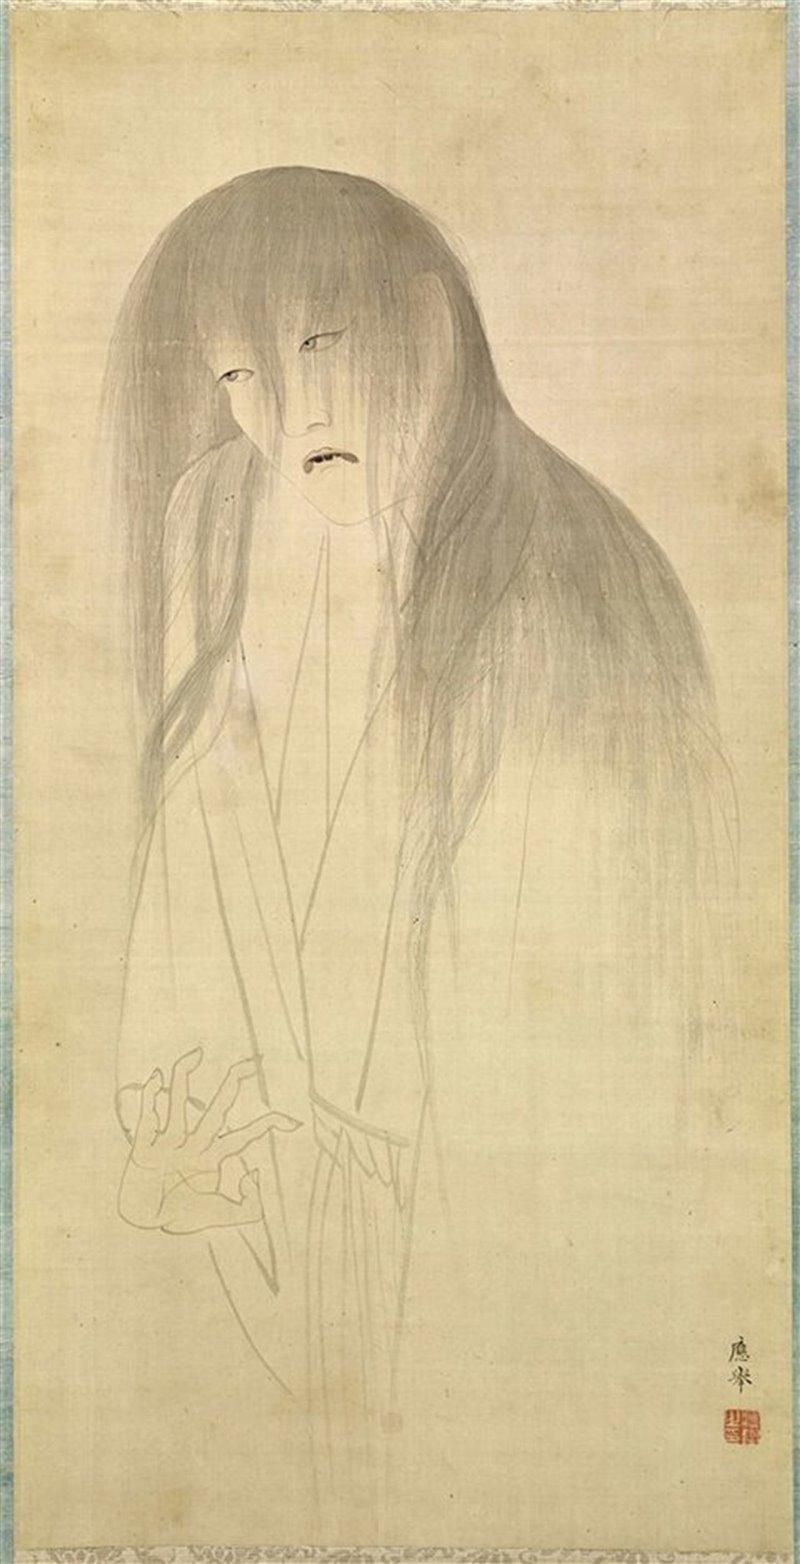 Rappresentazione di un fantasma. Disegno della seconda metà del XVIII secolo